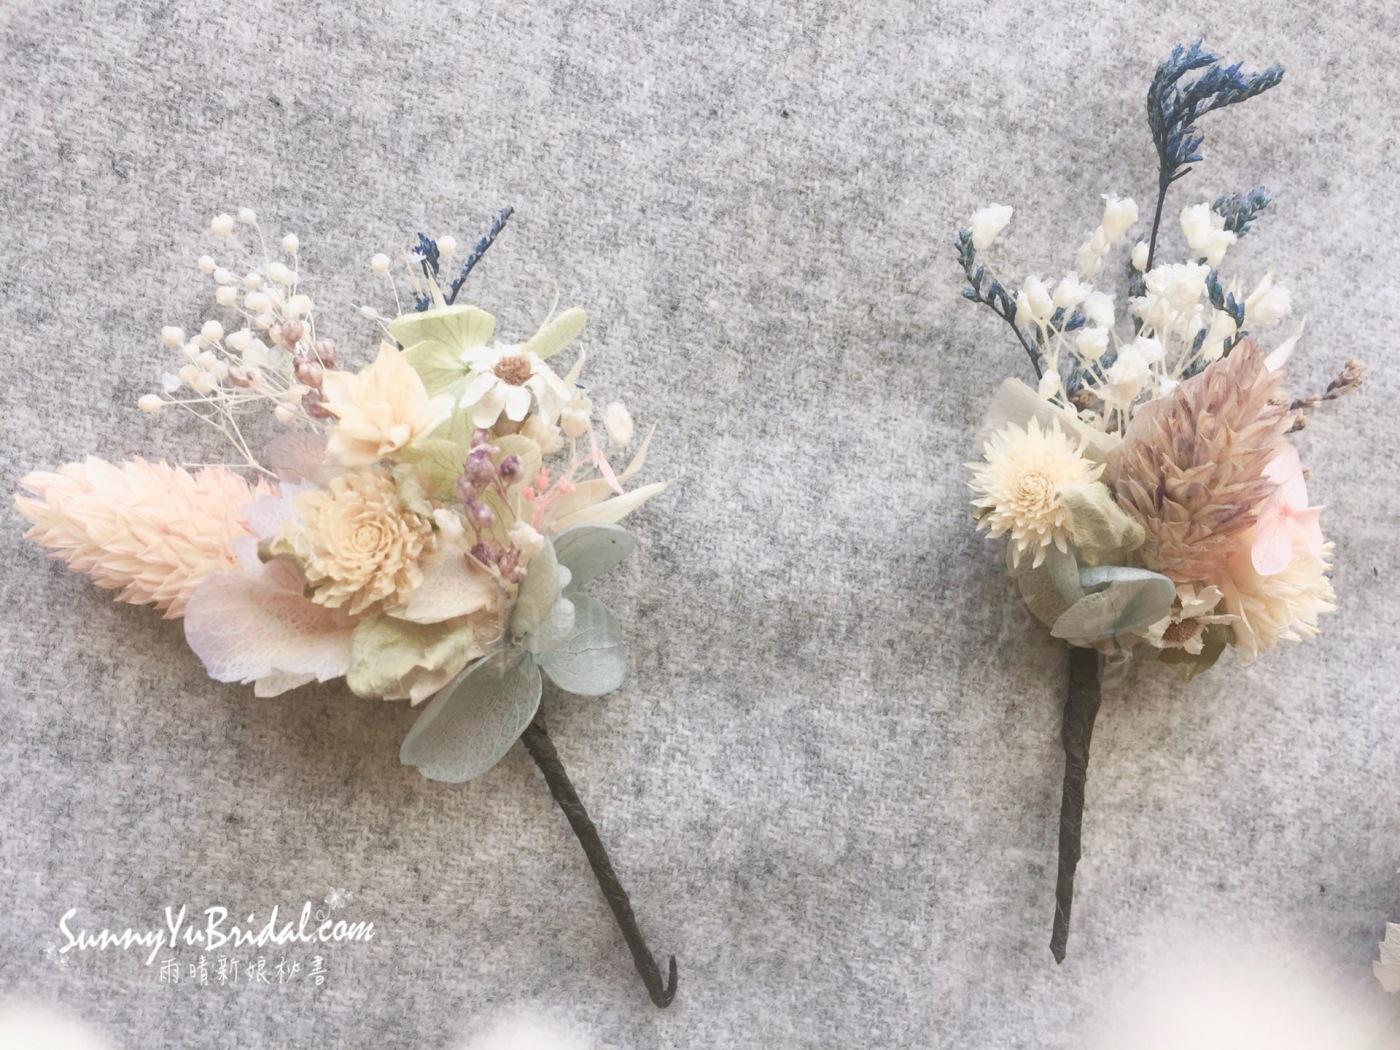 客製乾燥花飾|客製新娘飾品|台北新娘秘書|台北內湖南港新秘推薦雨晴|手作新娘飾品|雨晴手作|乾燥不凋花新娘飾品|乾燥花新娘造型|雨晴手作乾燥花飾|煙燻粉玫瑰|不凋花|永生花|白紗髮飾|白紗造型|客製手作